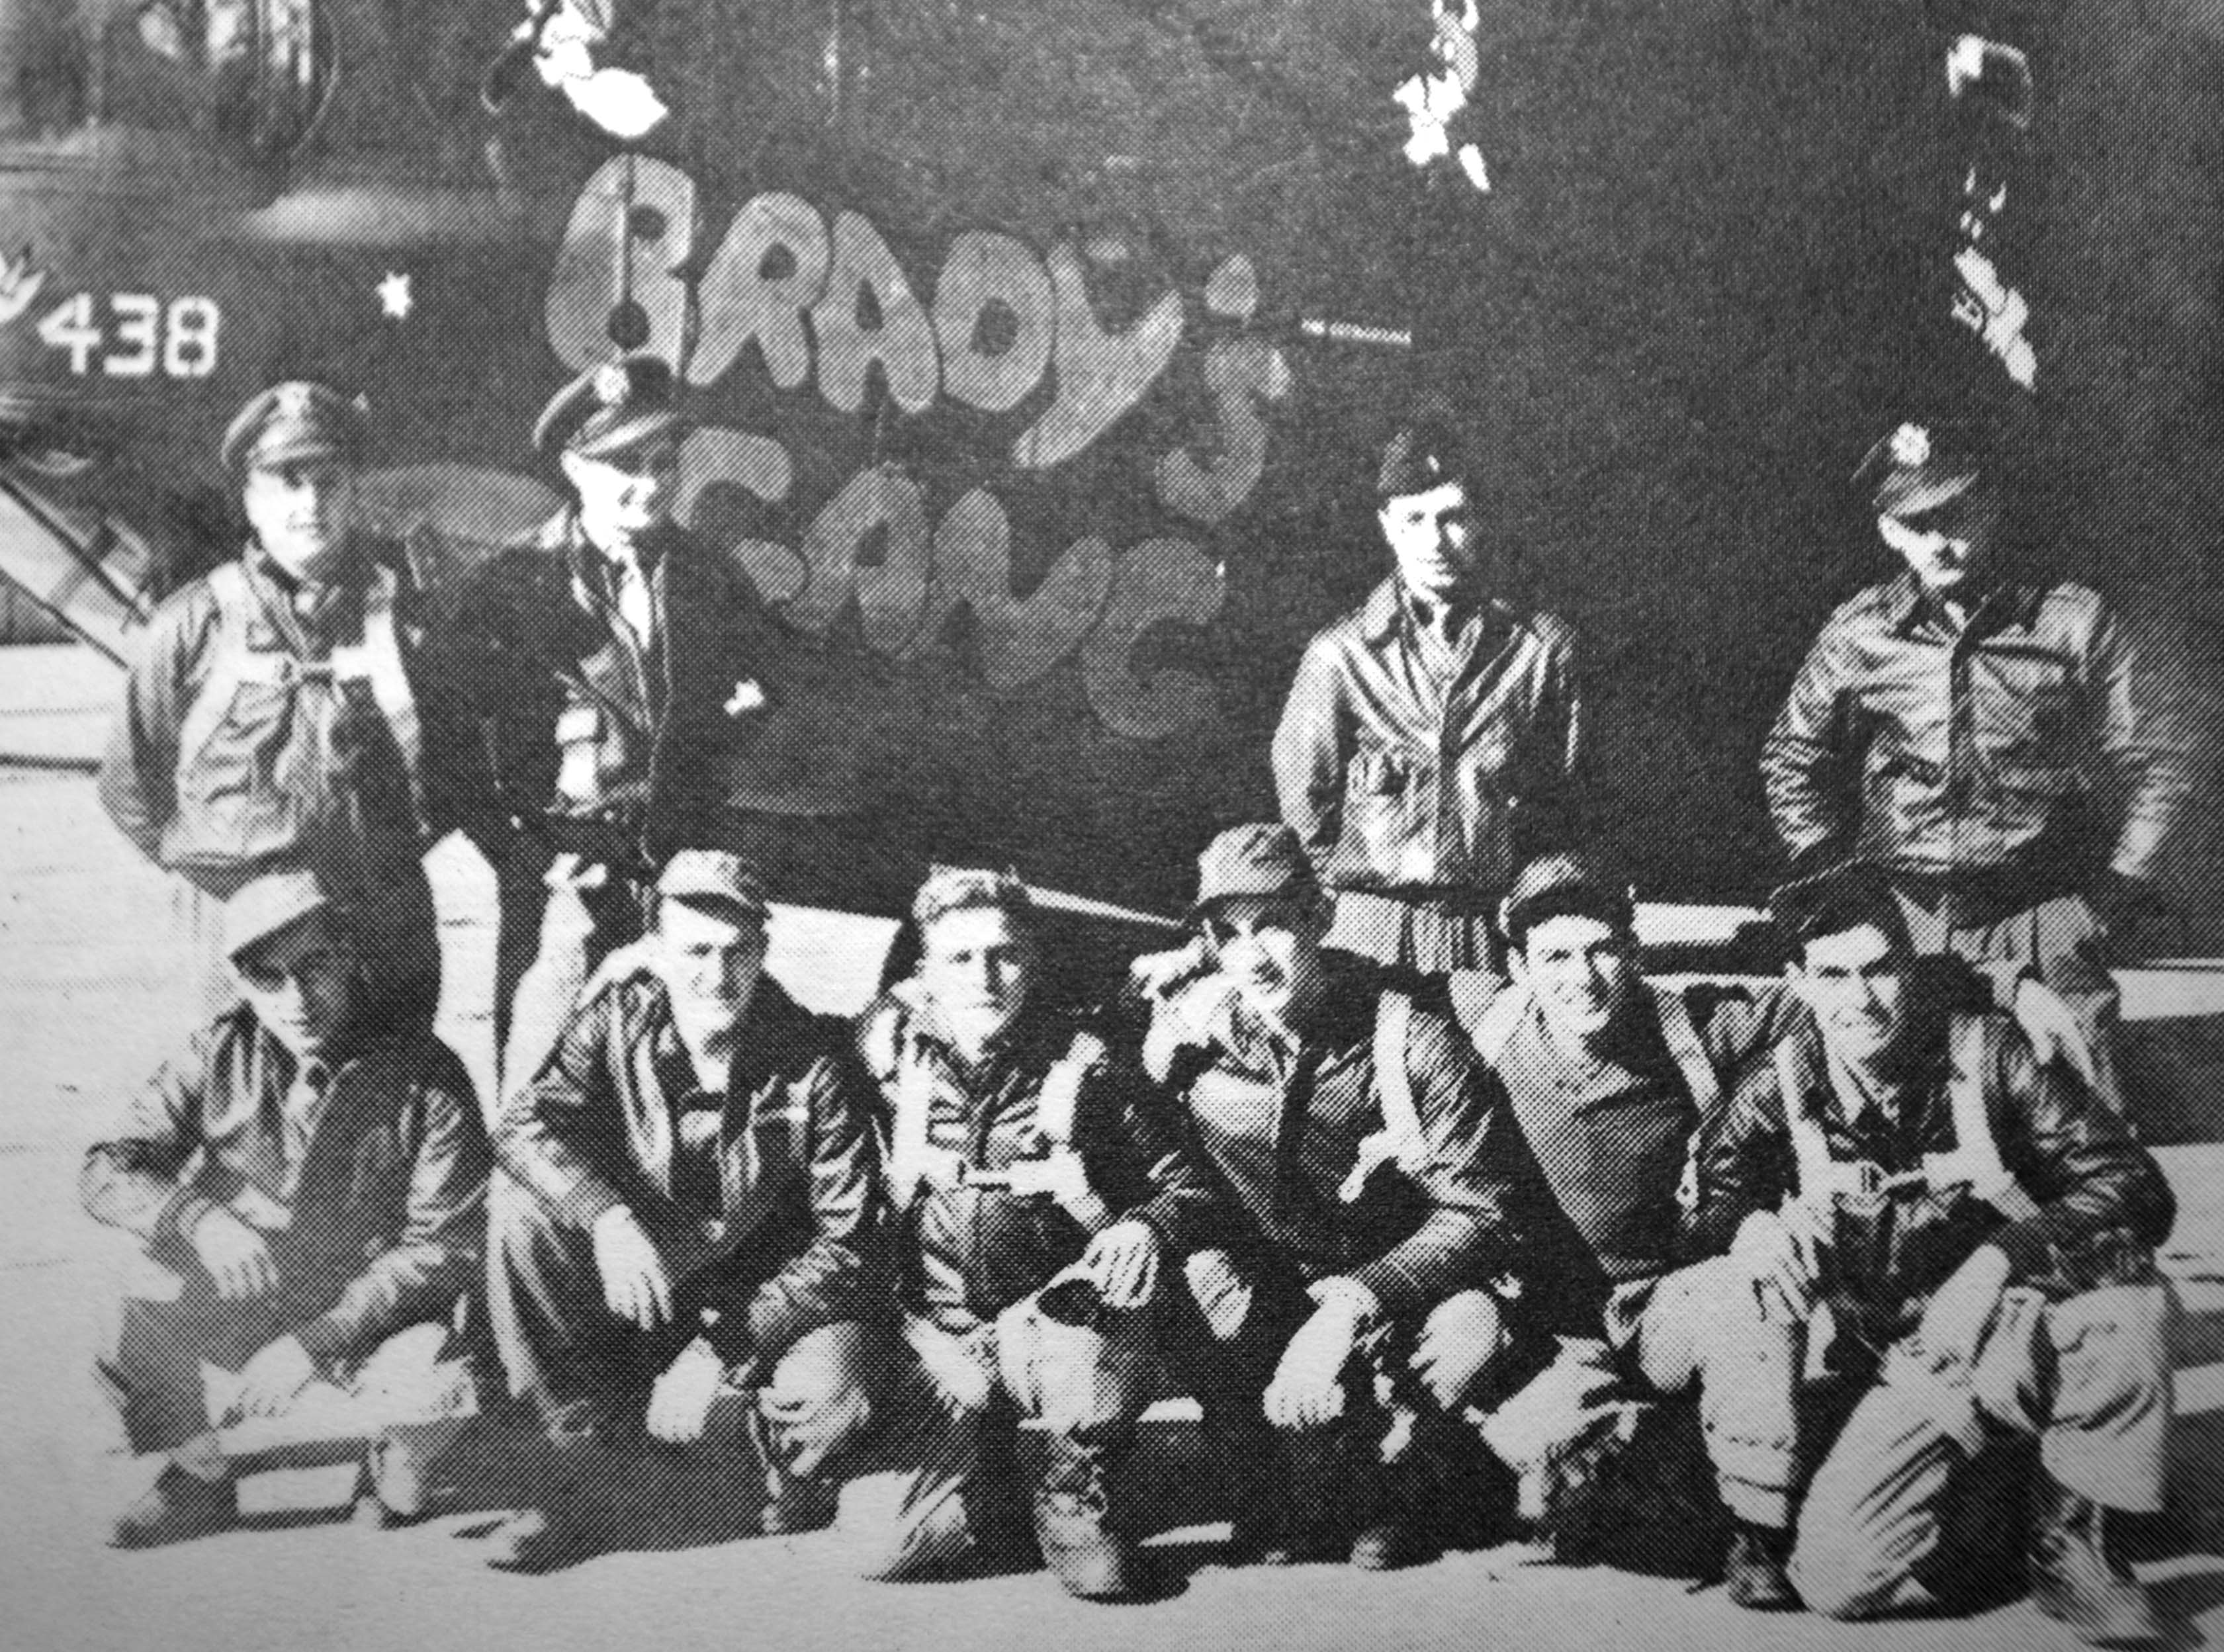 Brady Crew